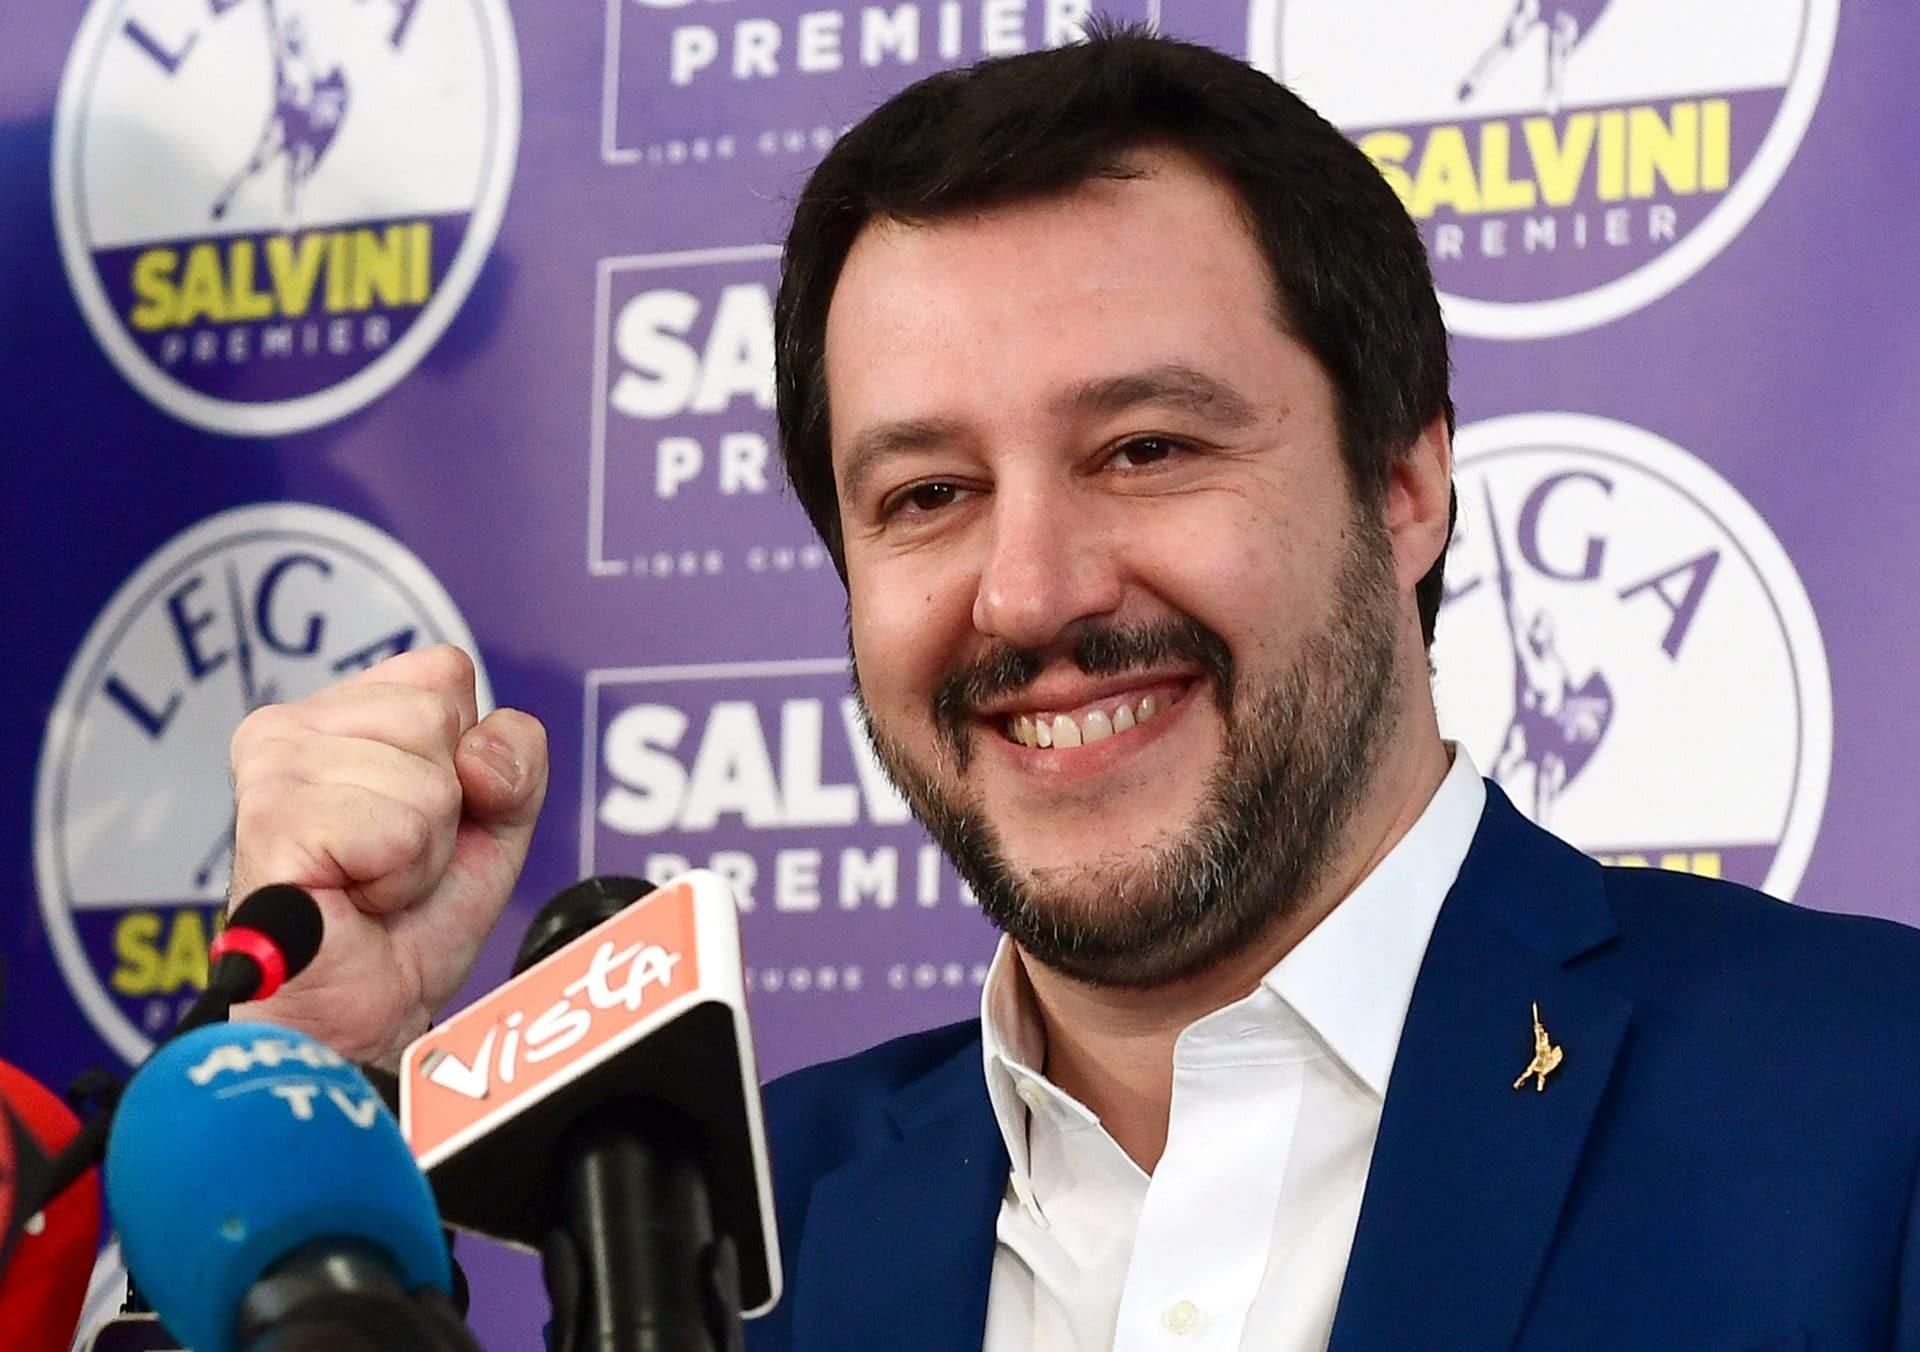 Salvini: adesso basta, l'Italia non sarà più il campo profughi d'Europa